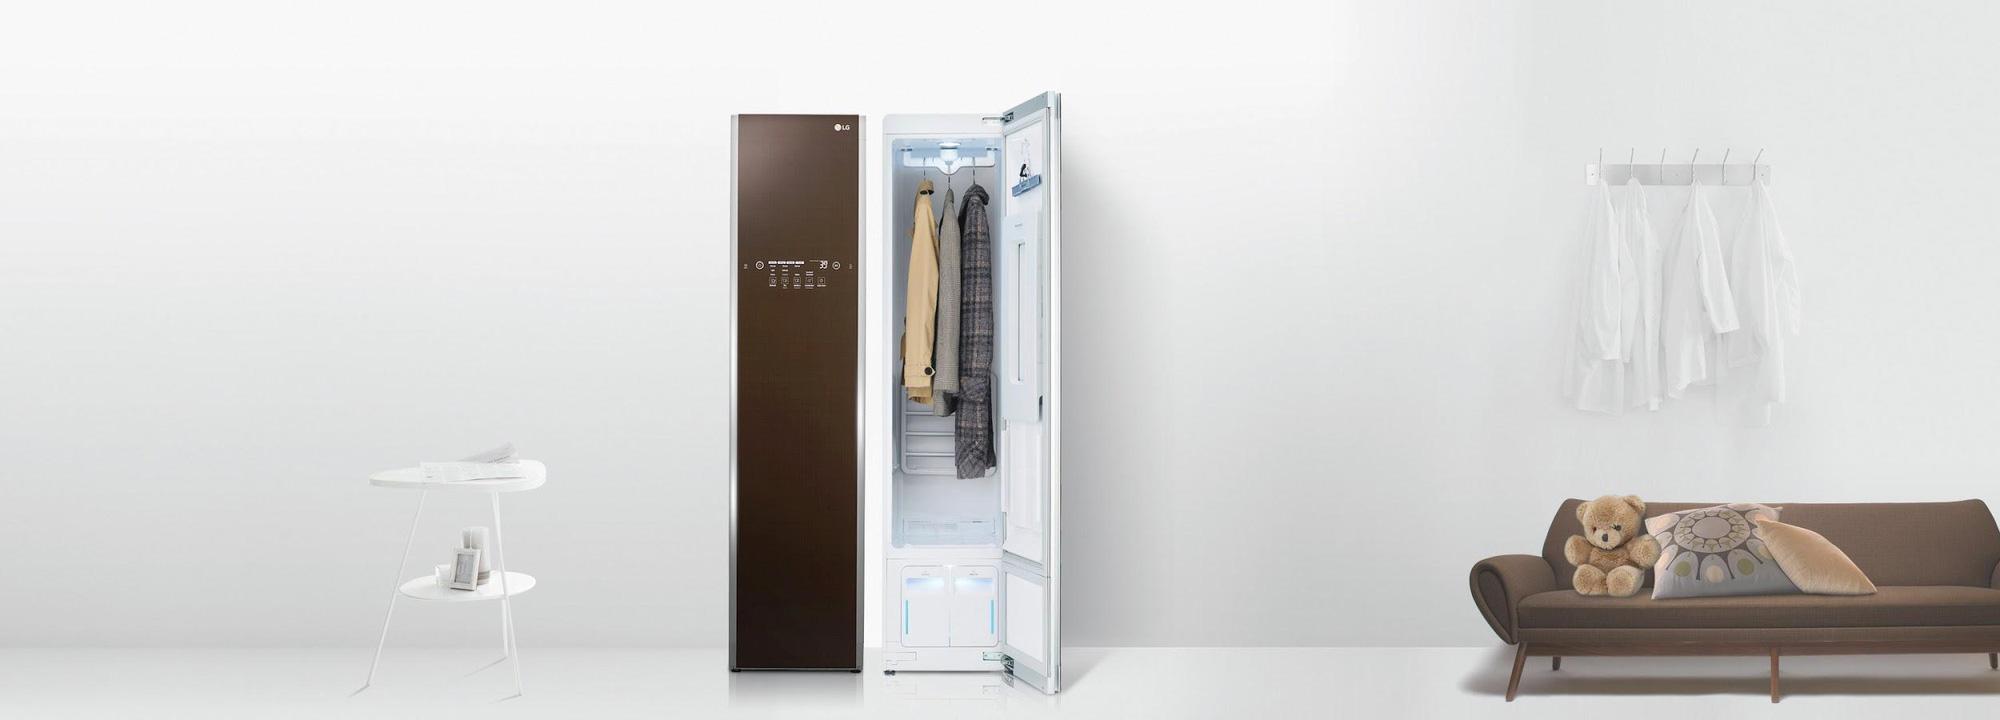 LG Styler khử khuẩn trang phục, bảo vệ không gian sống trong mùa dịch bệnh - Ảnh 1.